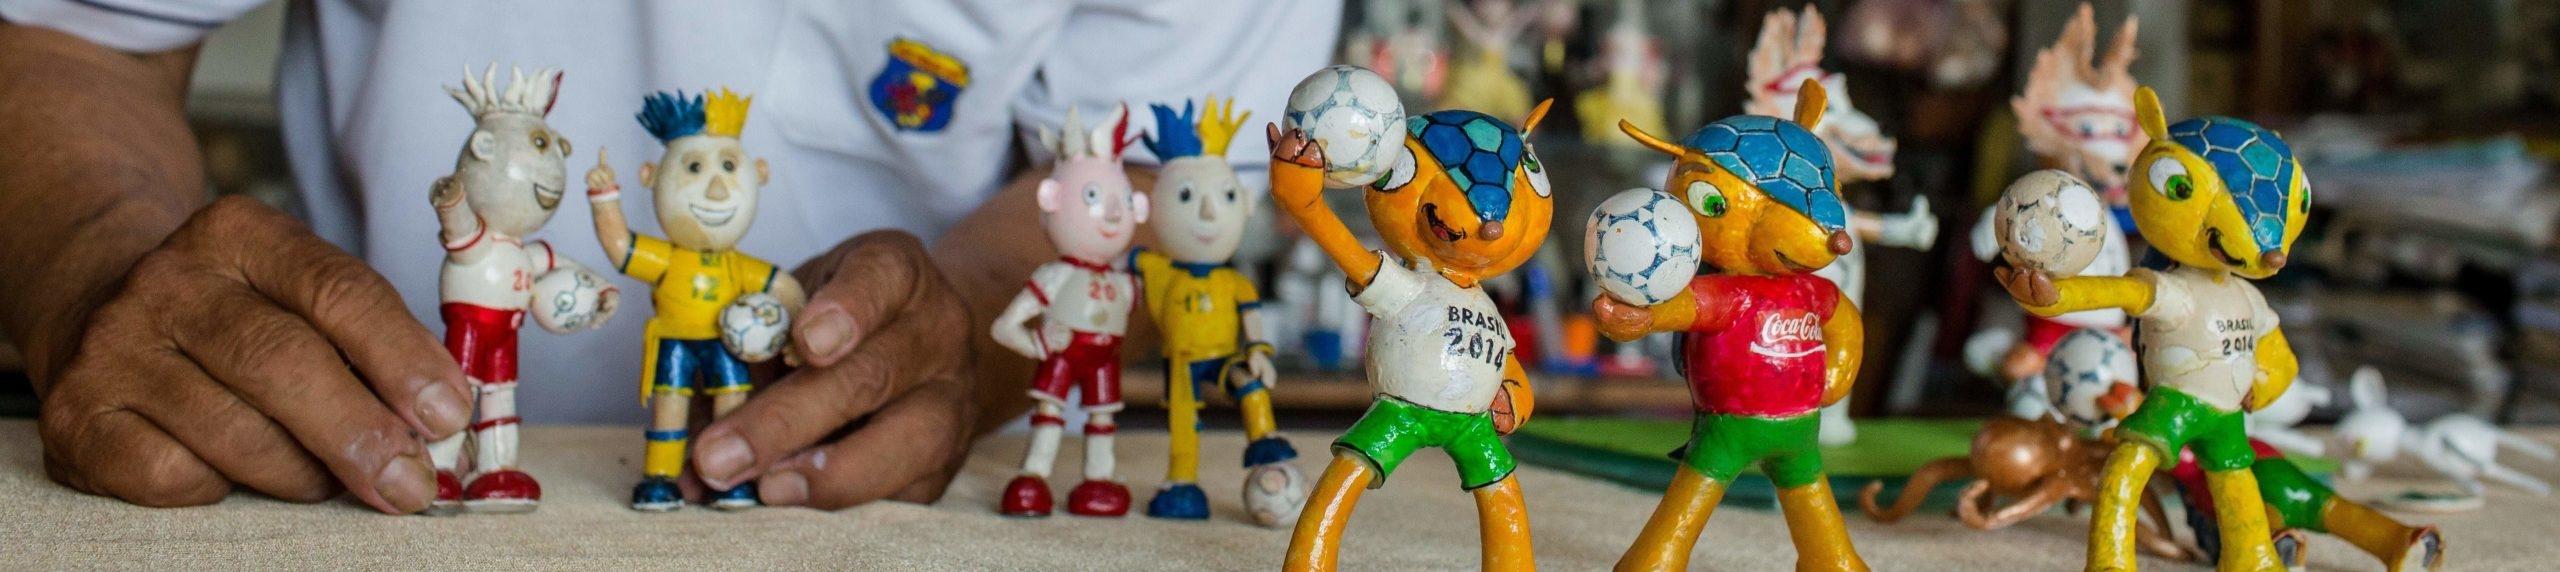 Scommesse sportive, il palinsesto bwin del 05/6/2020: un viaggio nel pallone da Saigon a Bochum